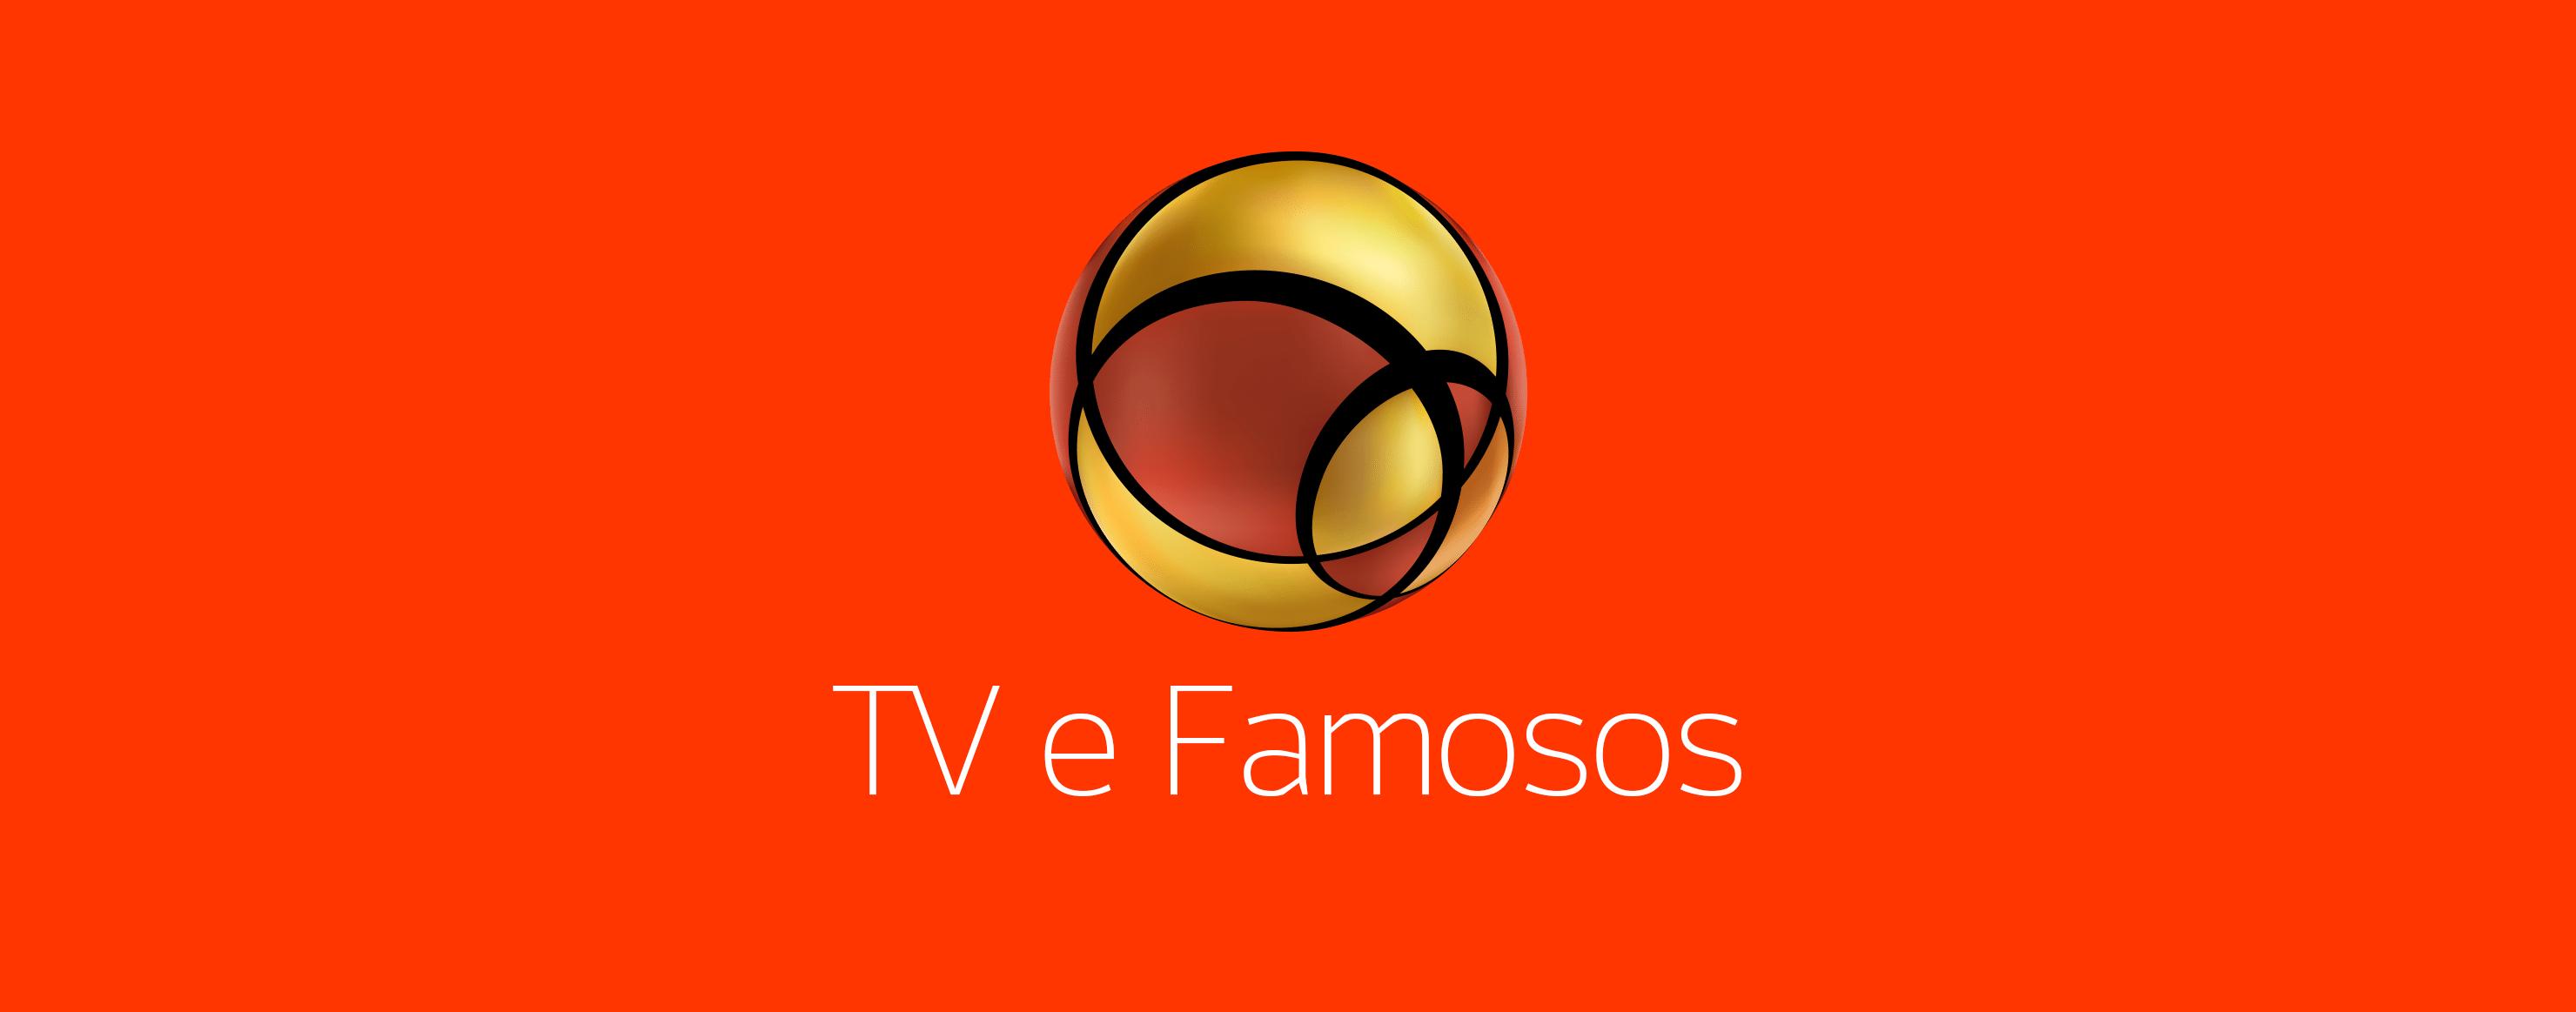 Larissa Manoela mostra convite de sua festa de 18 anos - 16 01 2019 - UOL  TV e Famosos e0c1879c4f